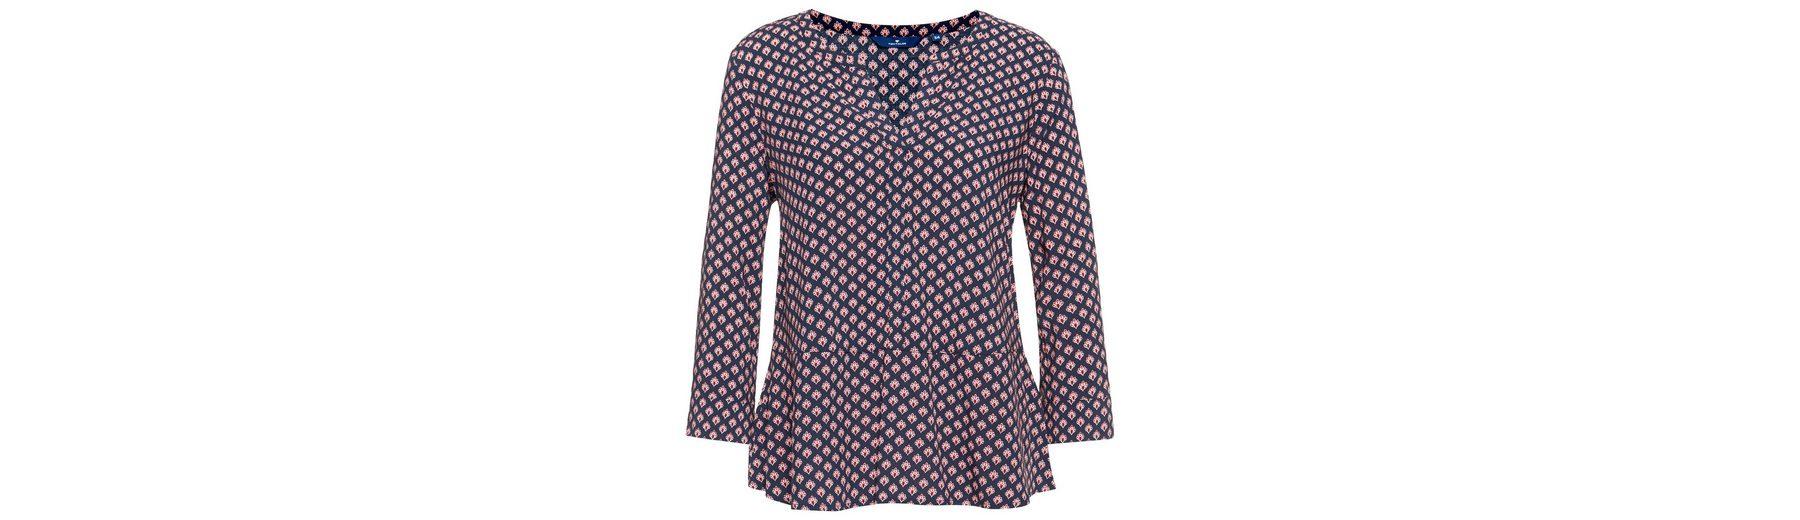 Tom Tailor Shirtbluse gemusterte Loose-Fit Bluse Großer Verkauf Zum Verkauf Günstiger Preis Top-Qualität Billig Verkauf Zu Kaufen Bekommen Billig Für Billig nnZlC